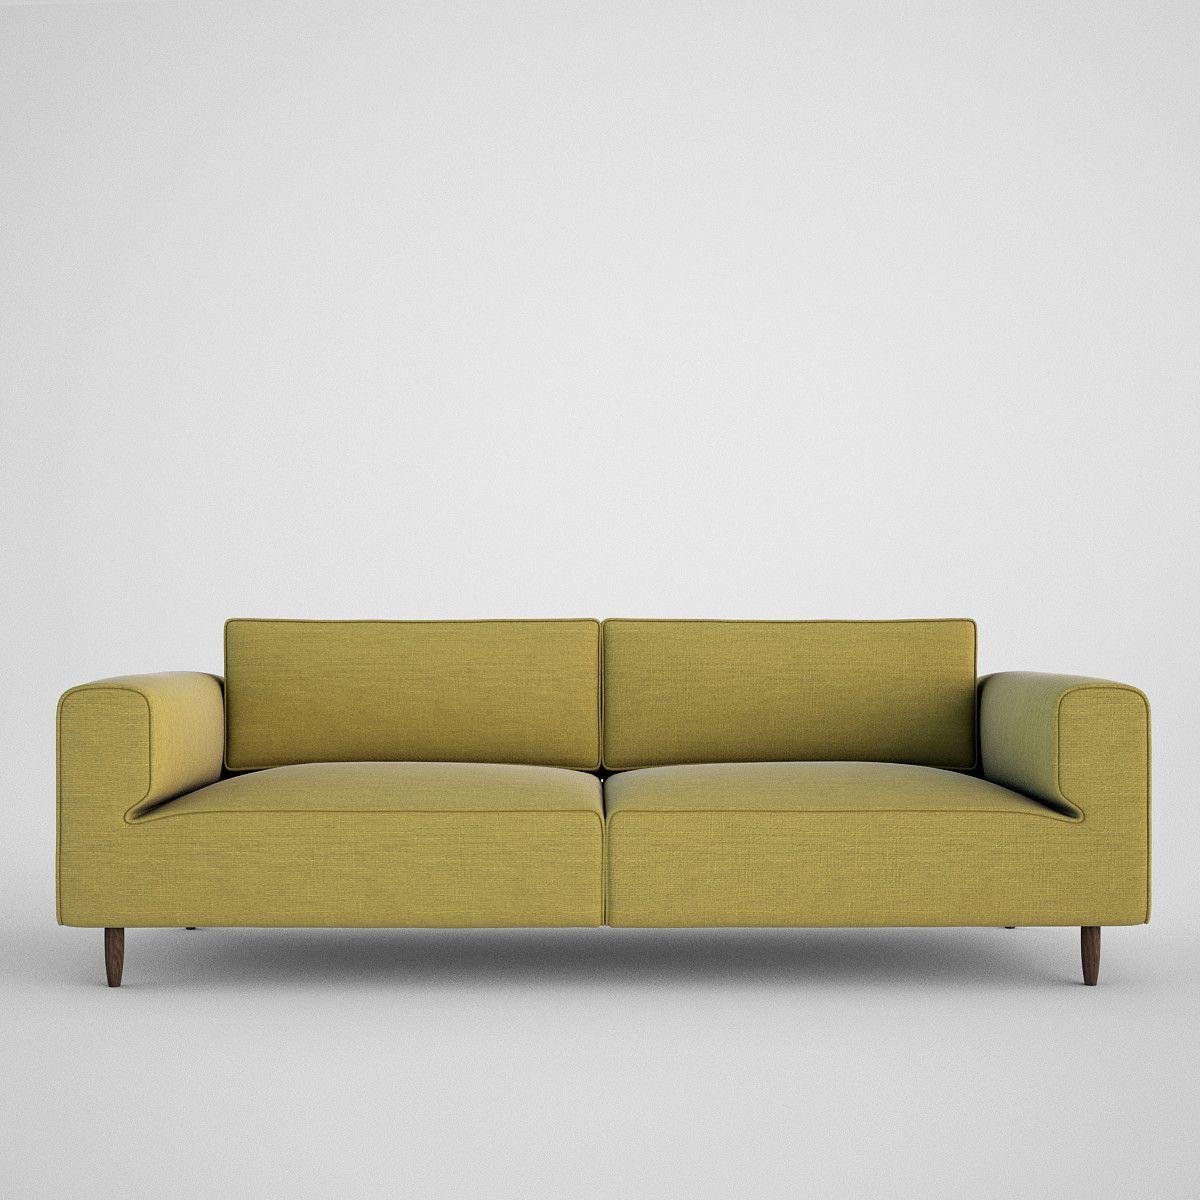 Möbel Boconcept emejing bo concept sofa images kosherelsalvador com